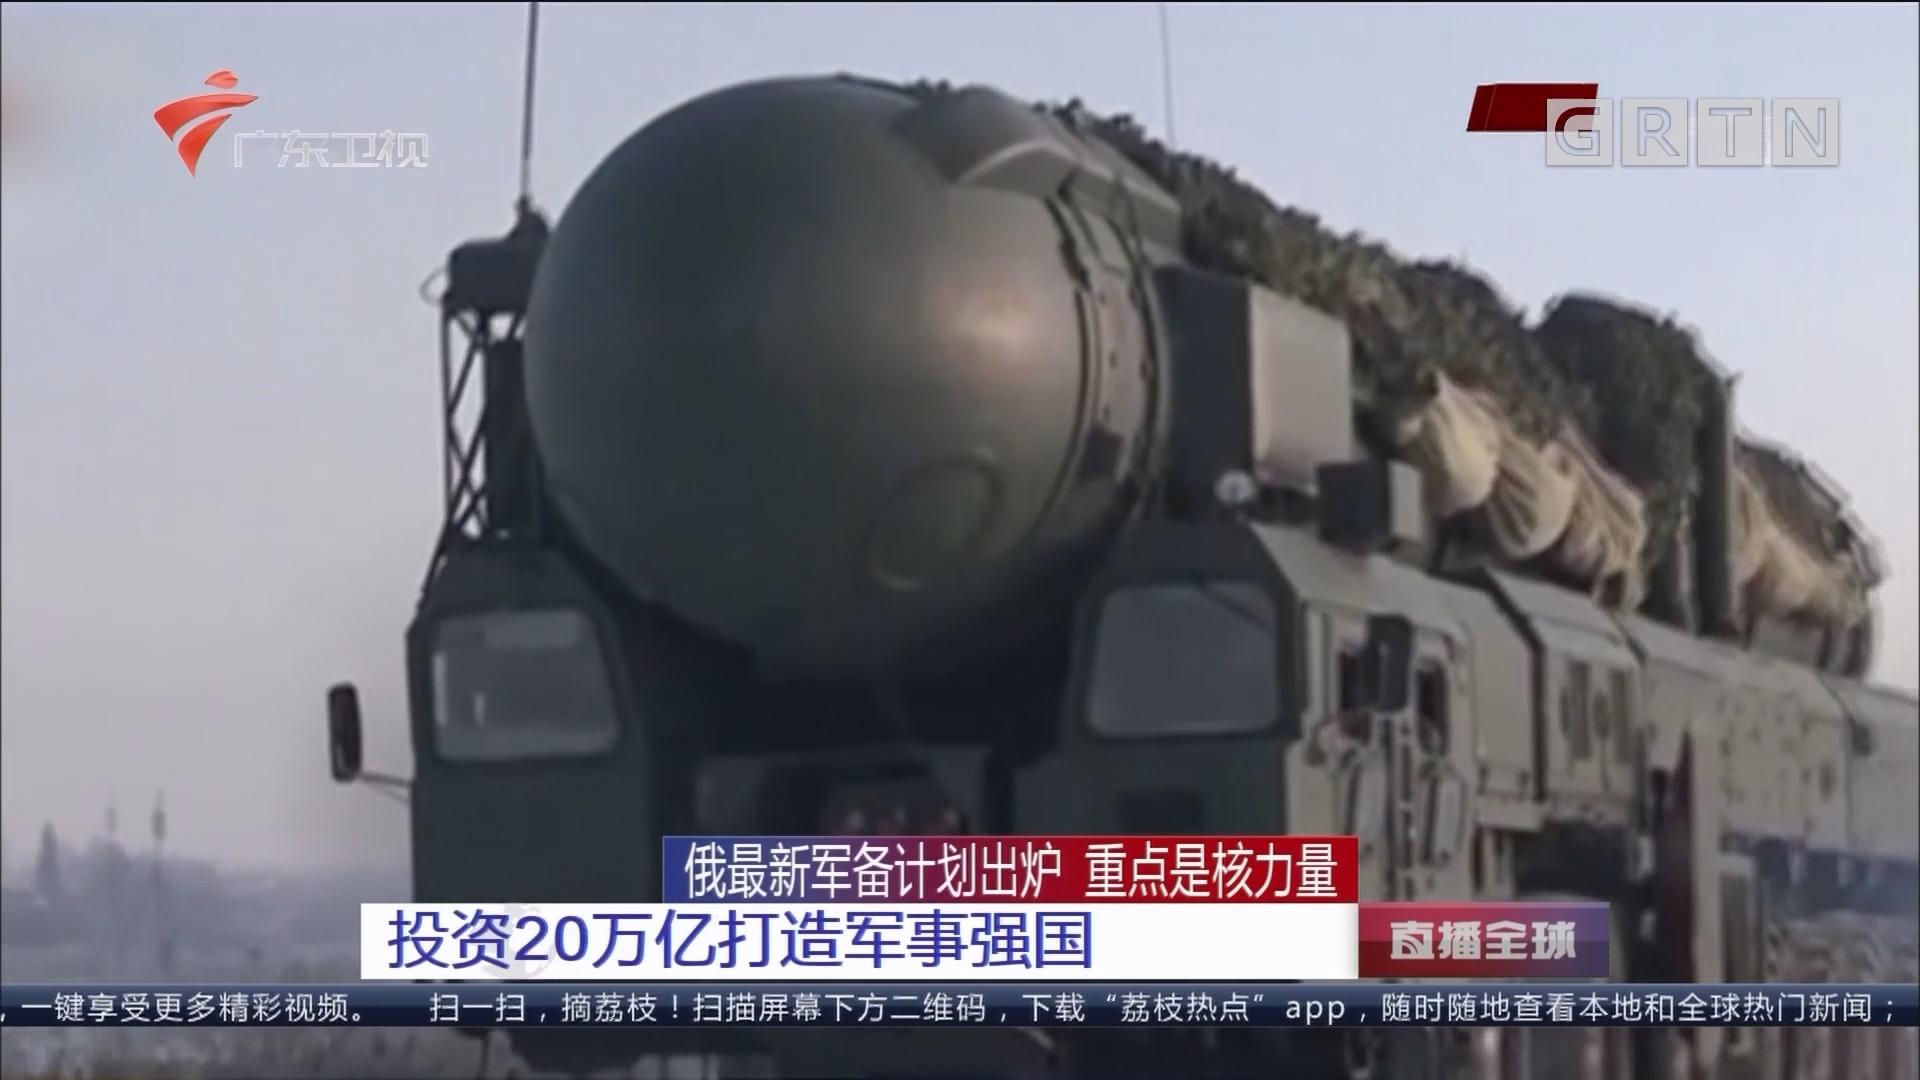 俄最新军备计划出炉 重点是核力量:投资20万亿打造军事强国